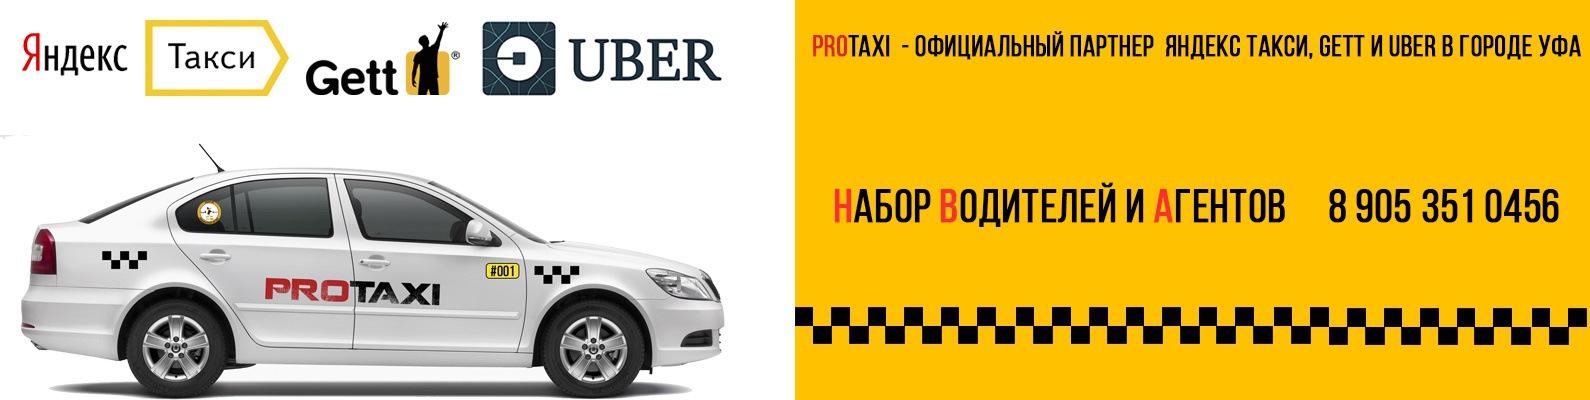 Яндекс такси бизнес отзывы водителей